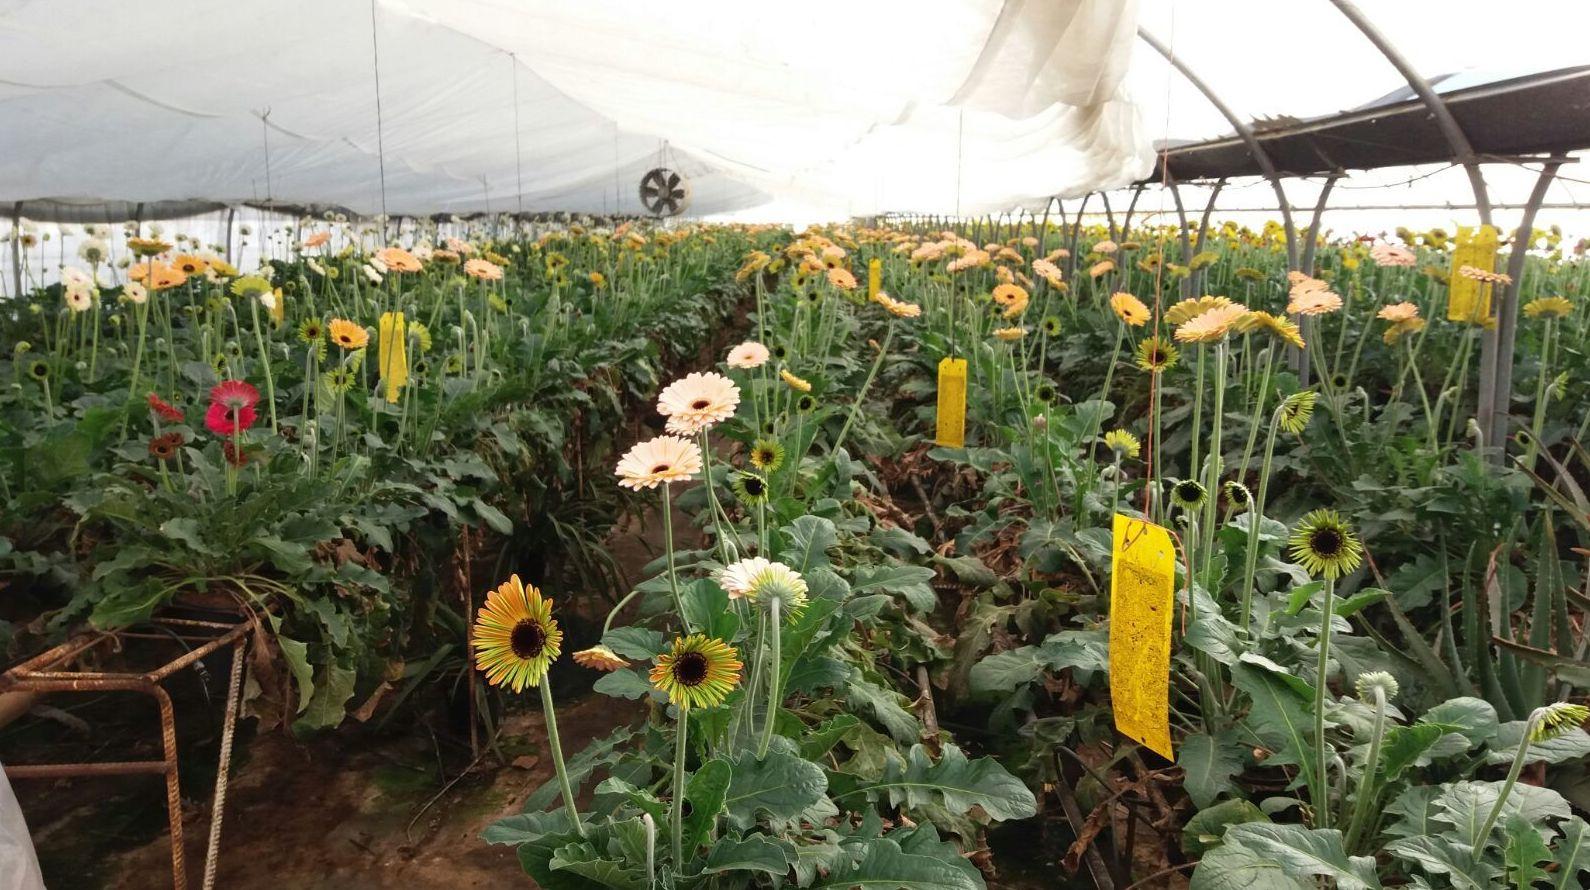 Flor natural cortada Valencia para importación y distribución. Cultivos propios